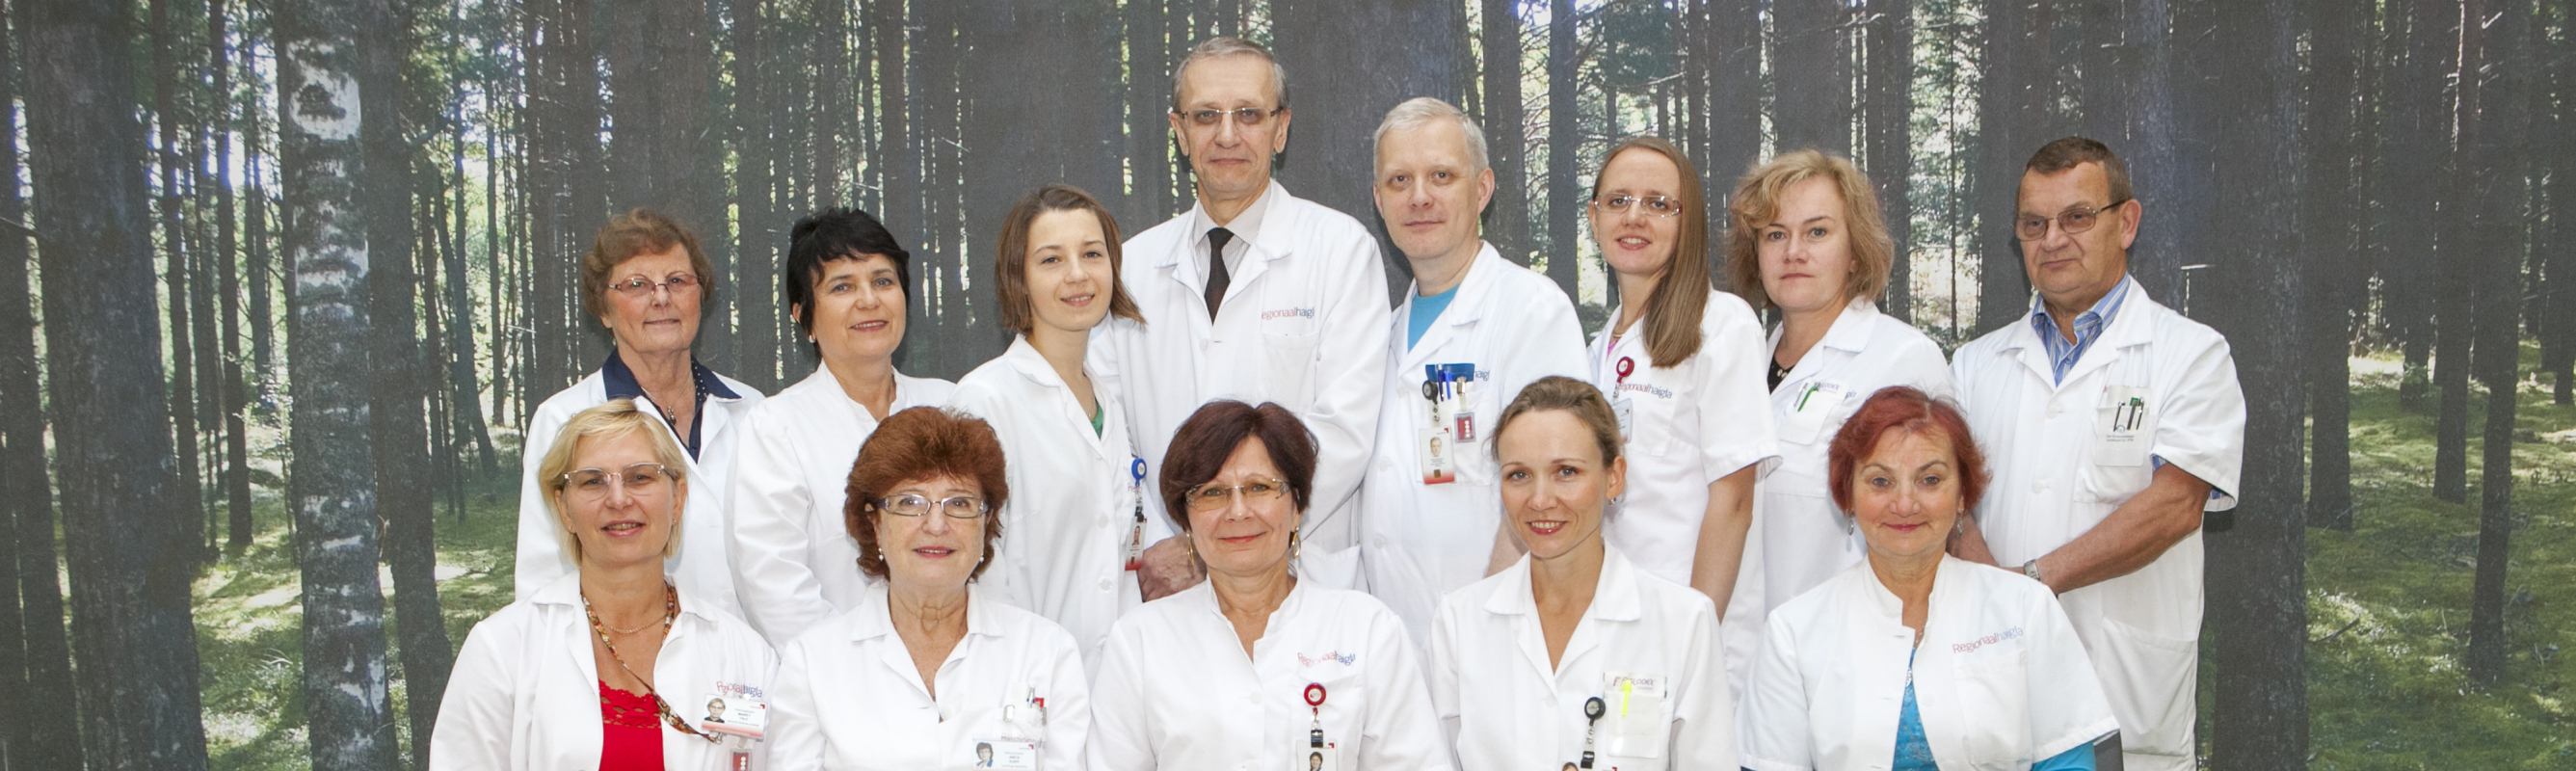 Rinnanäärme kasvajate töörühm